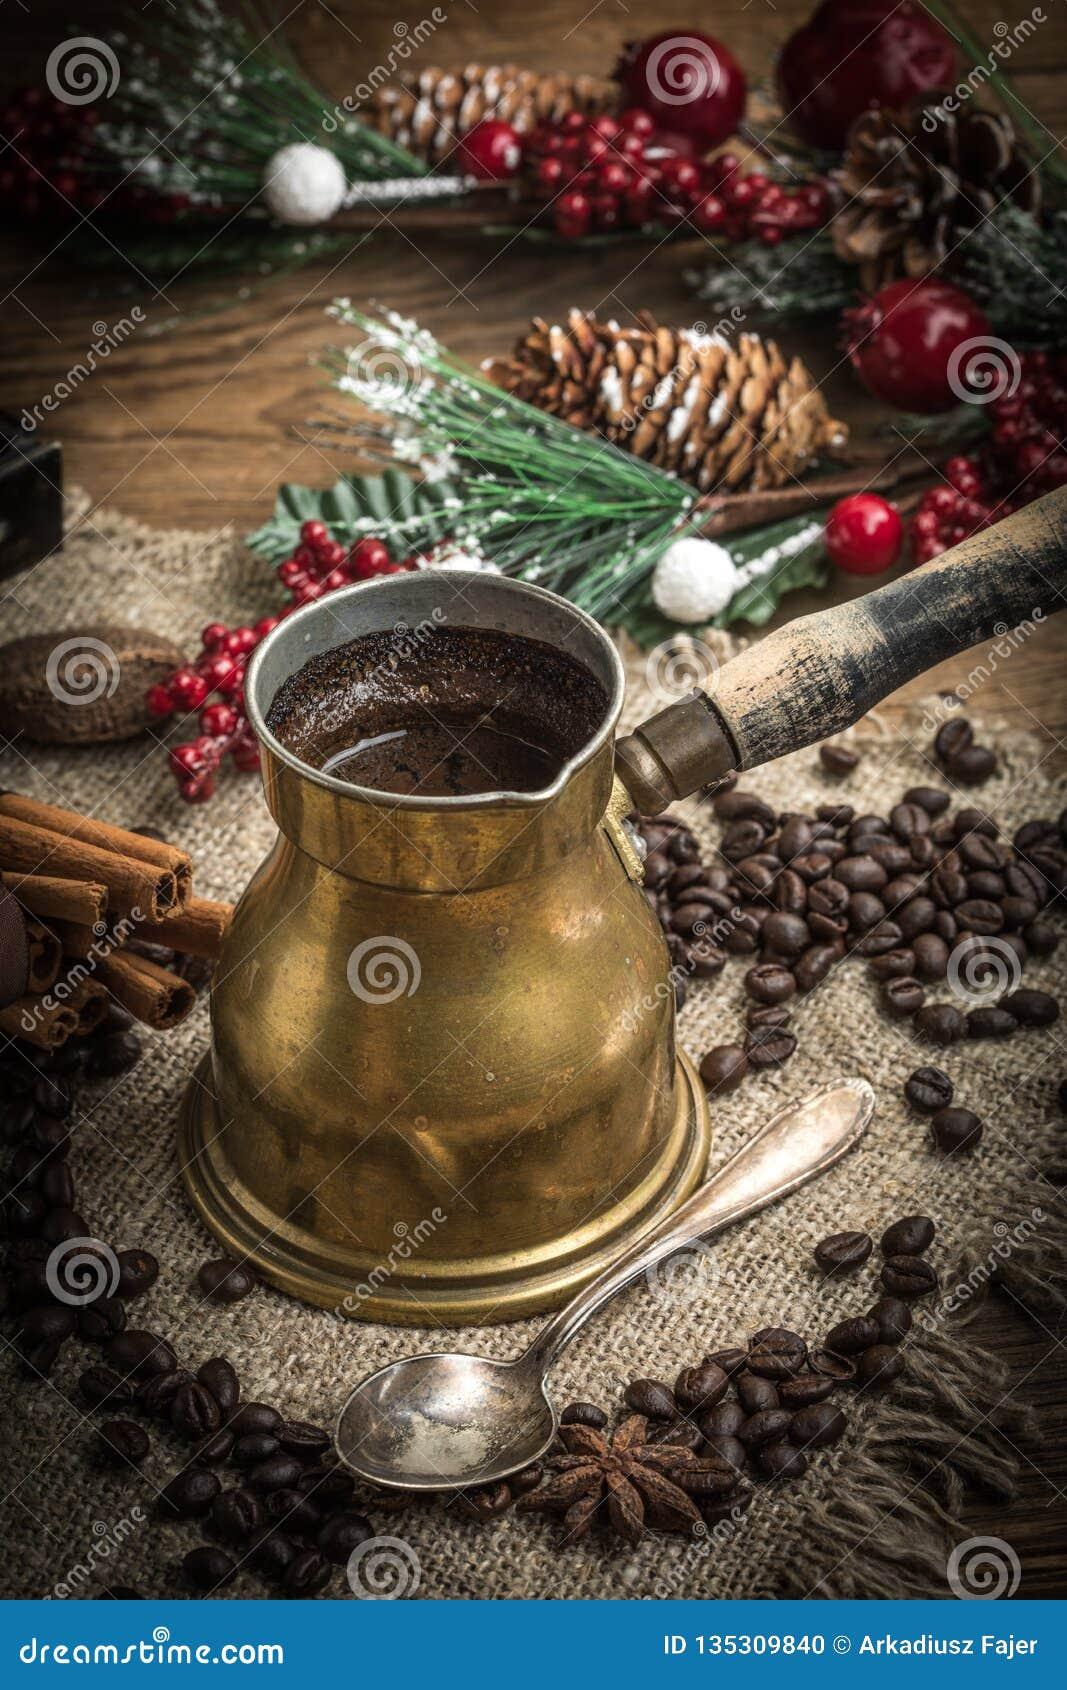 Турецкий кофе в медном баке coffe